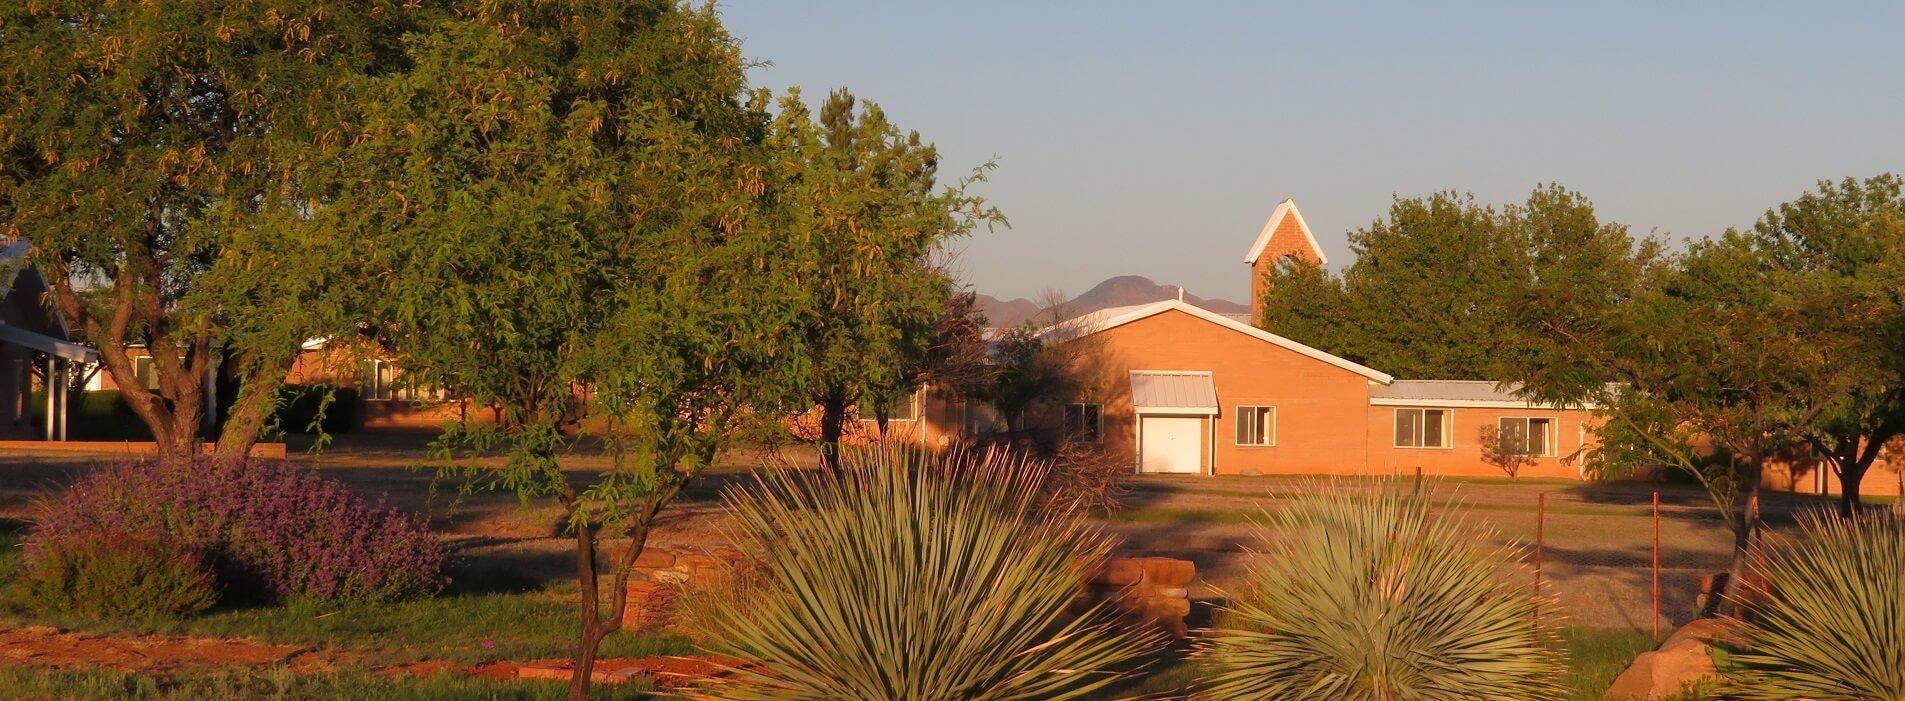 Image 3 – 2020 05 25 cemetery garden